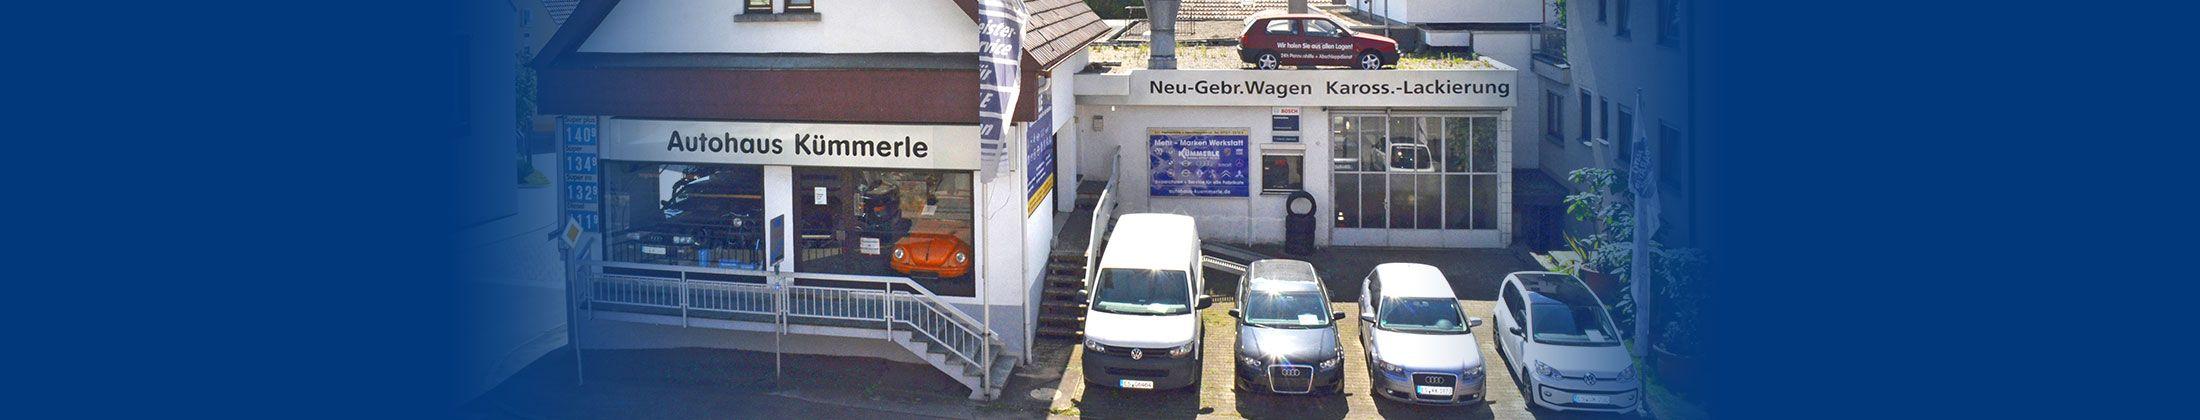 Unfallreparatur und Karrossieriearbeiten: Autowerkstatt Kümmerle in Pliezhausen Altenriet